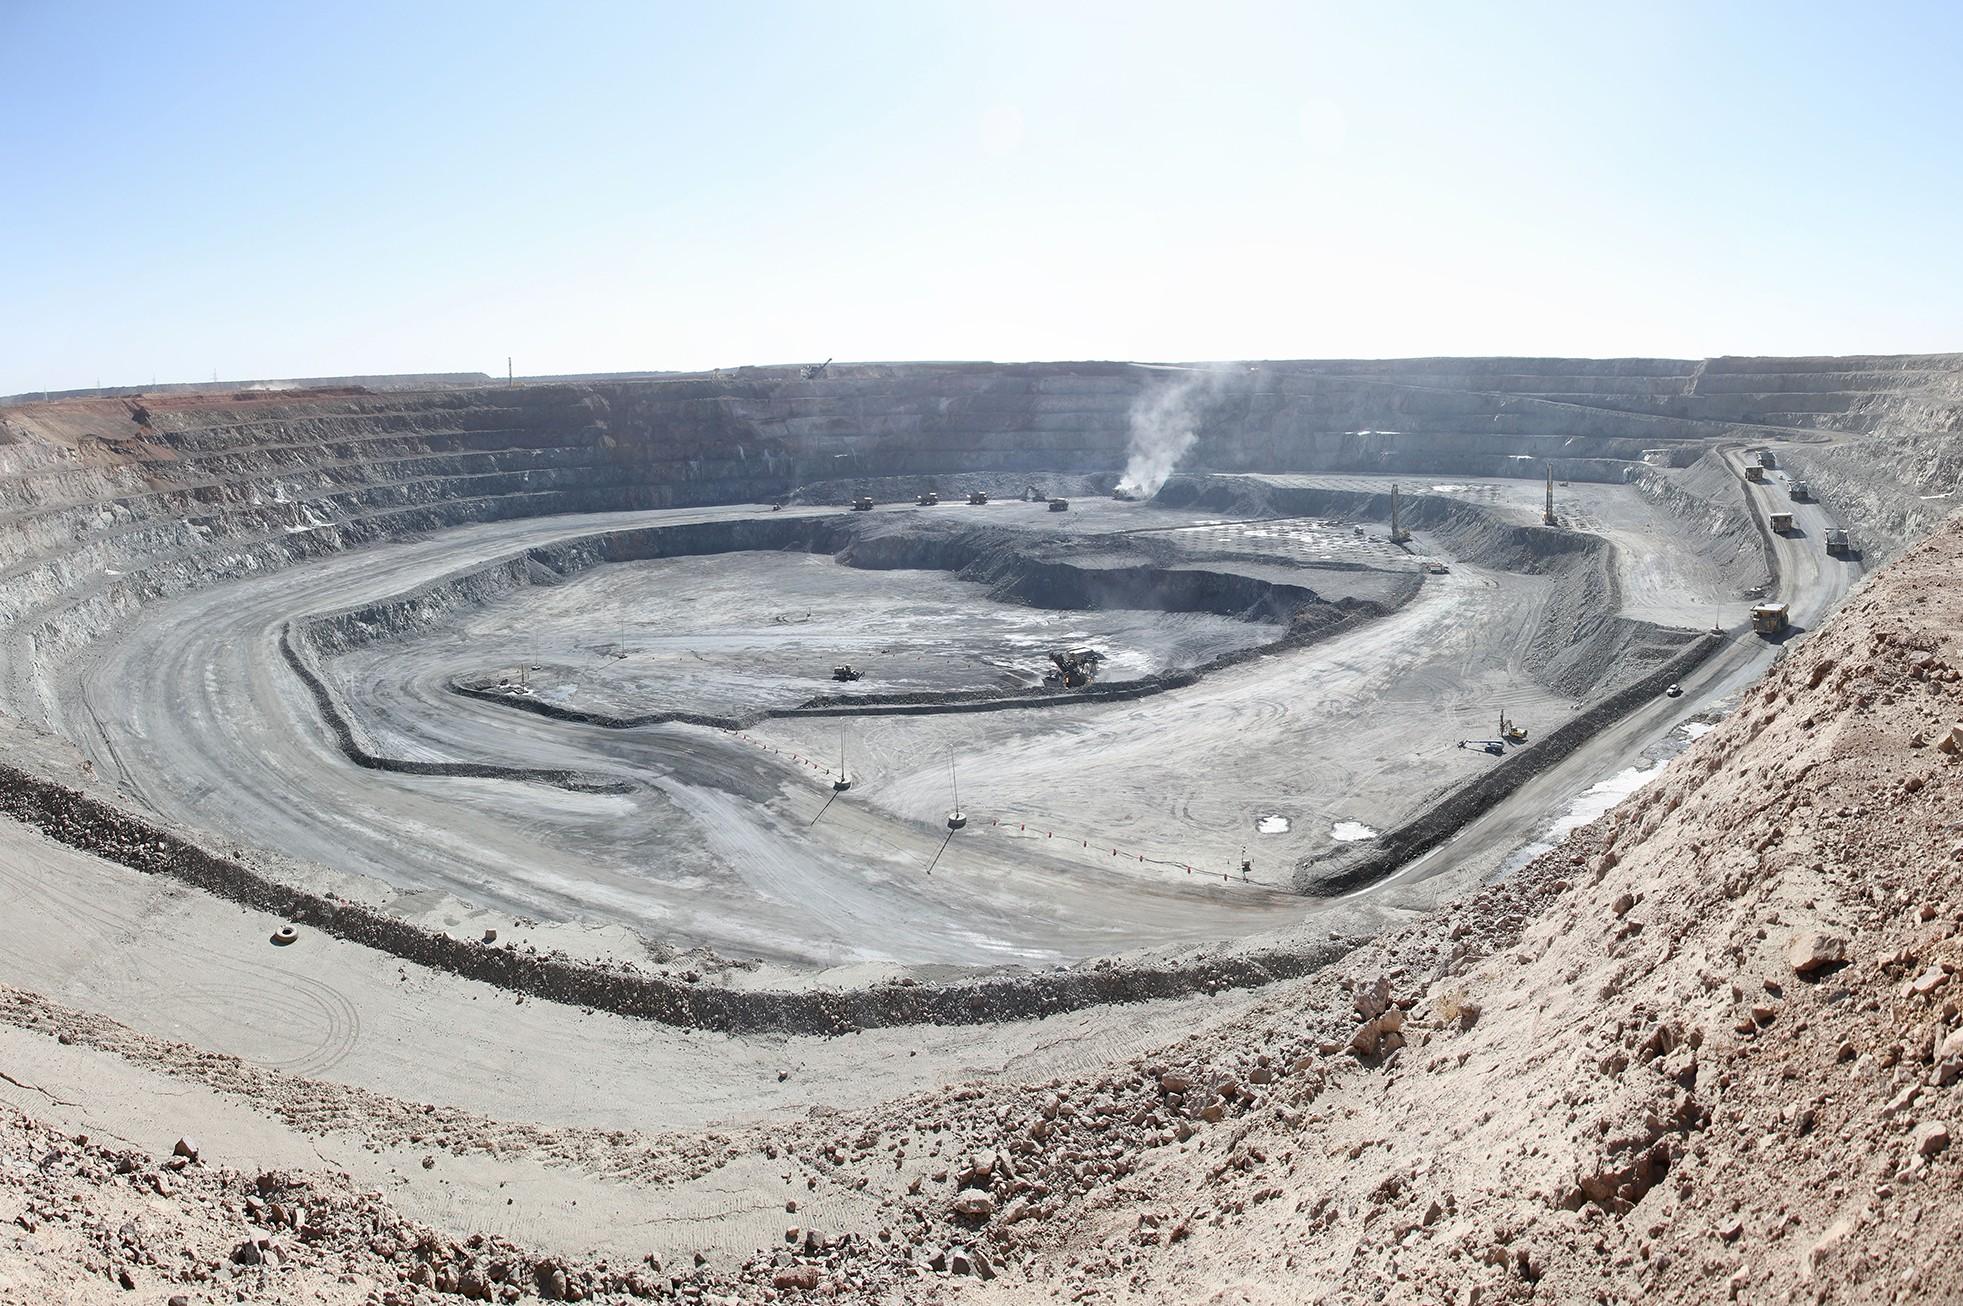 Rio Tinto agrees to invest in Mongolia's Oyu Tolgoi mine